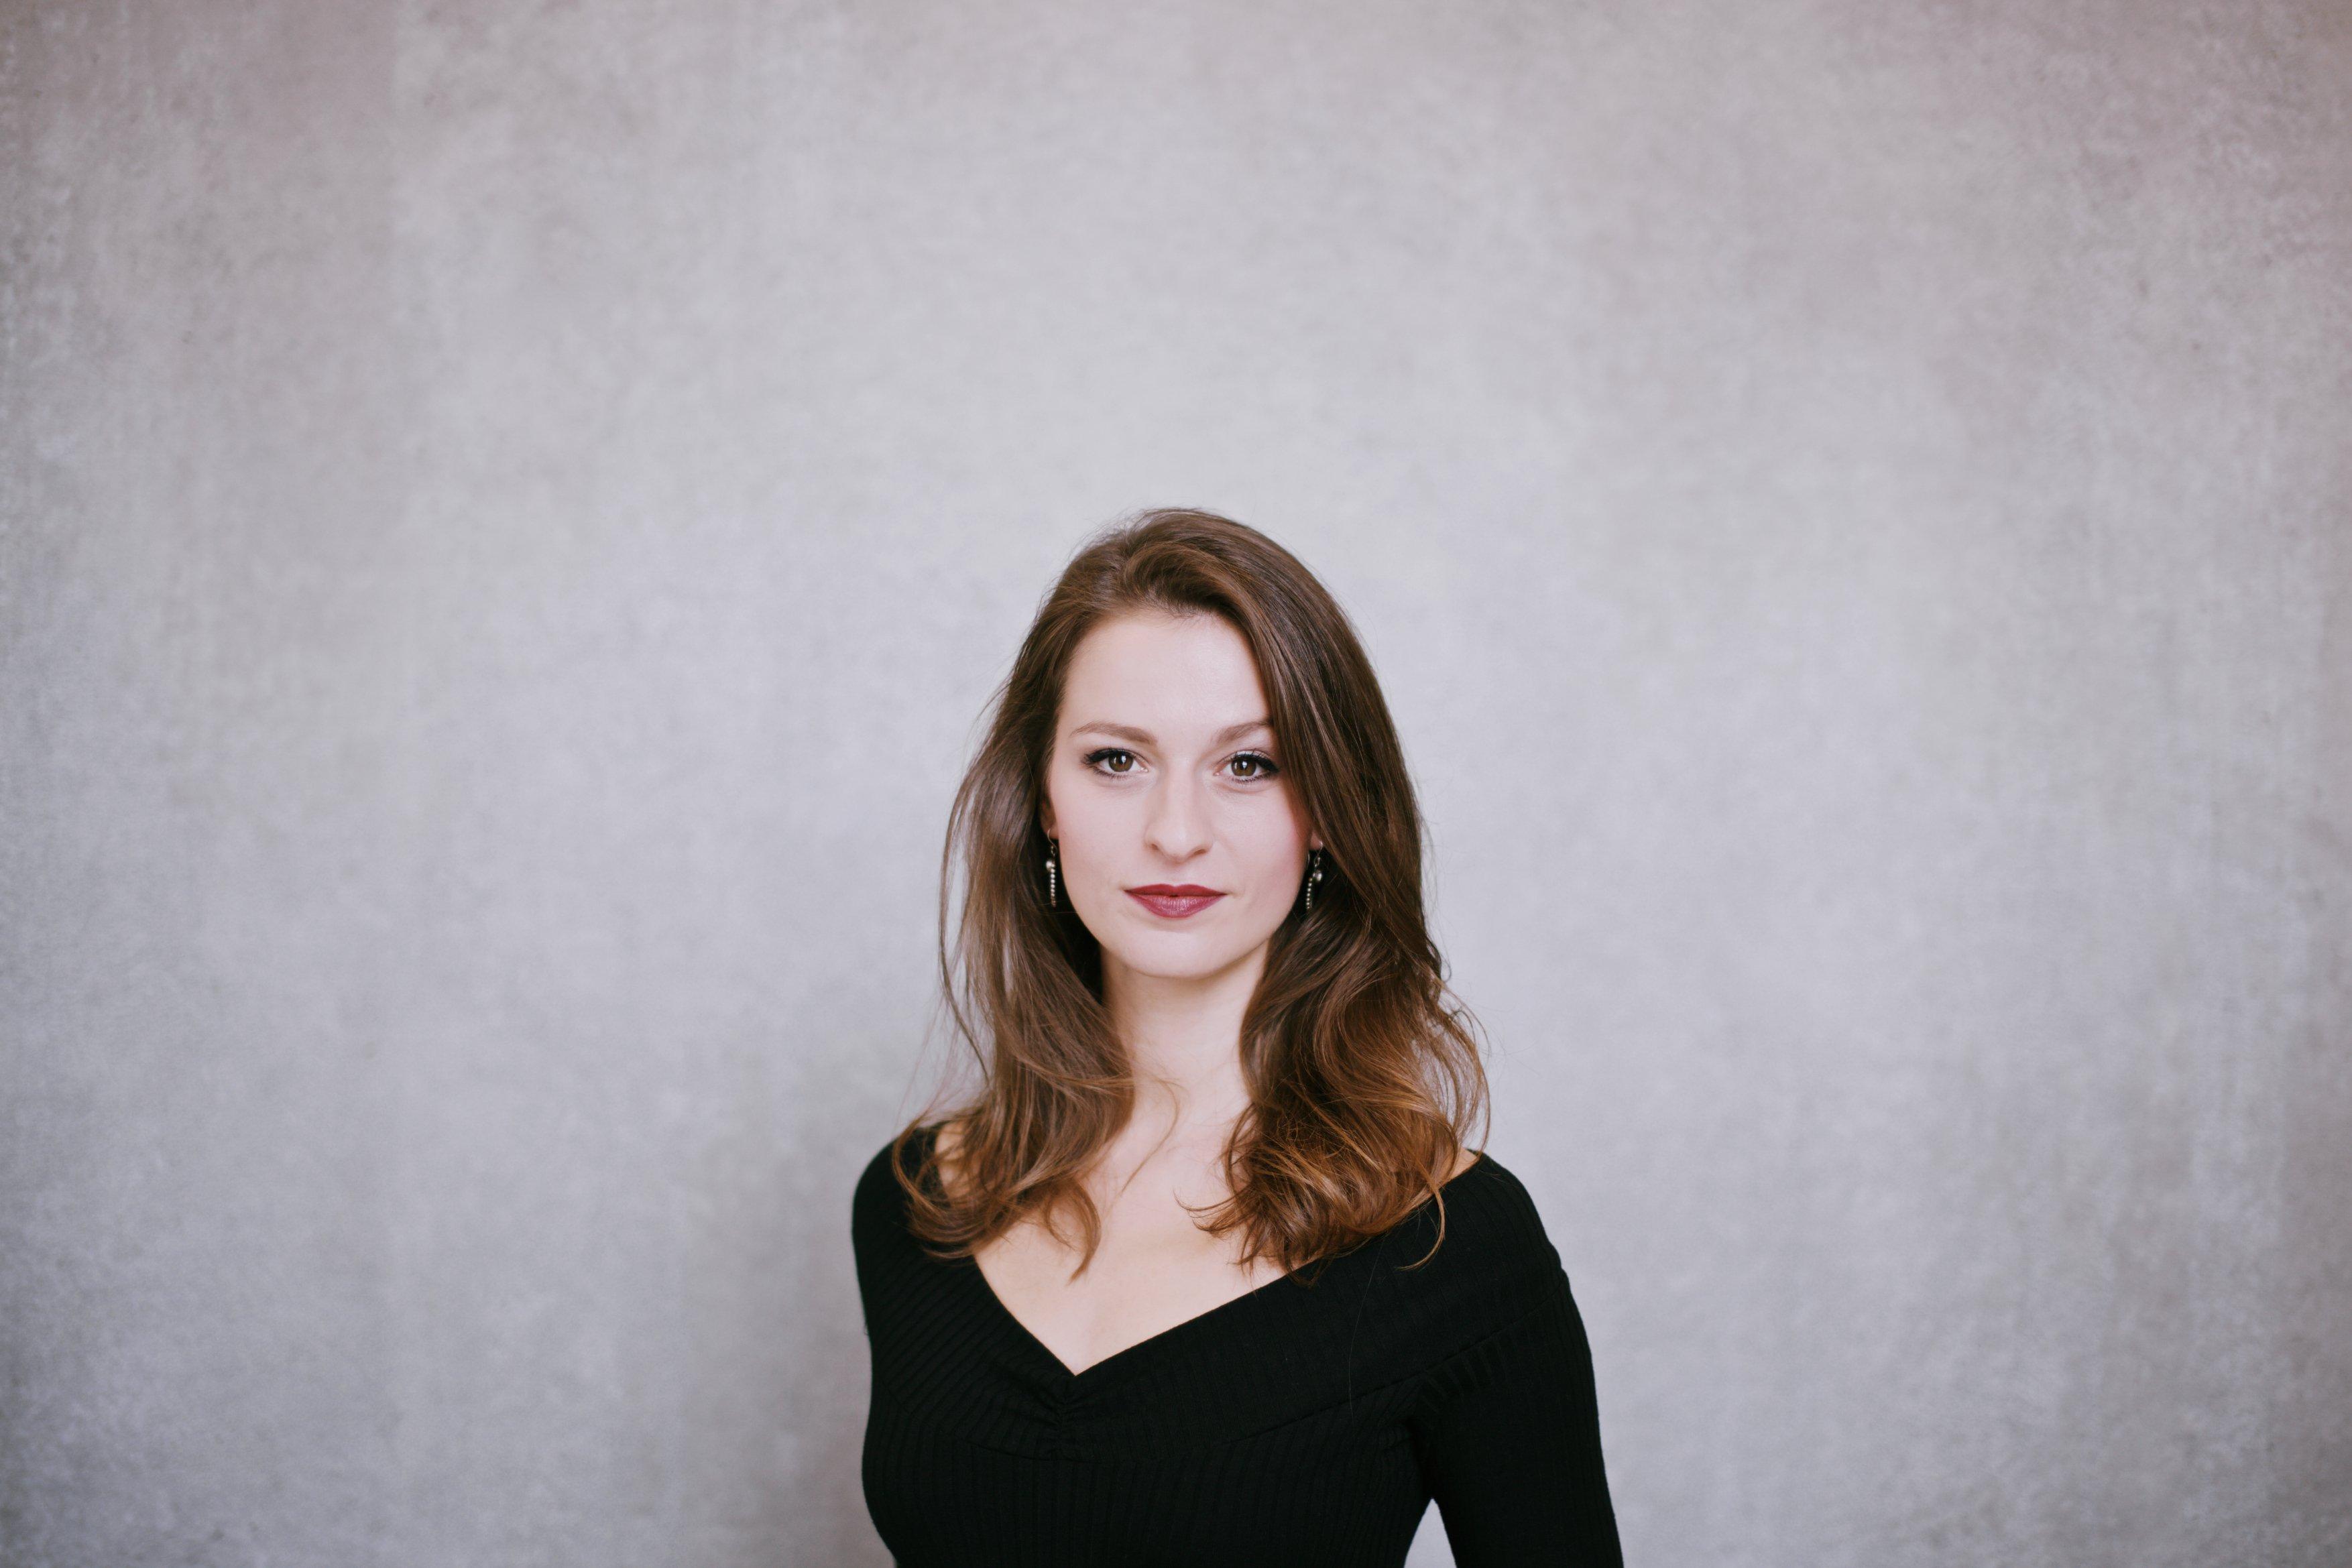 Hör-Event mit Corinna Scheurle aus dem Ensemble der Bayerischen Staatsoper und Avantgarde Acoustic